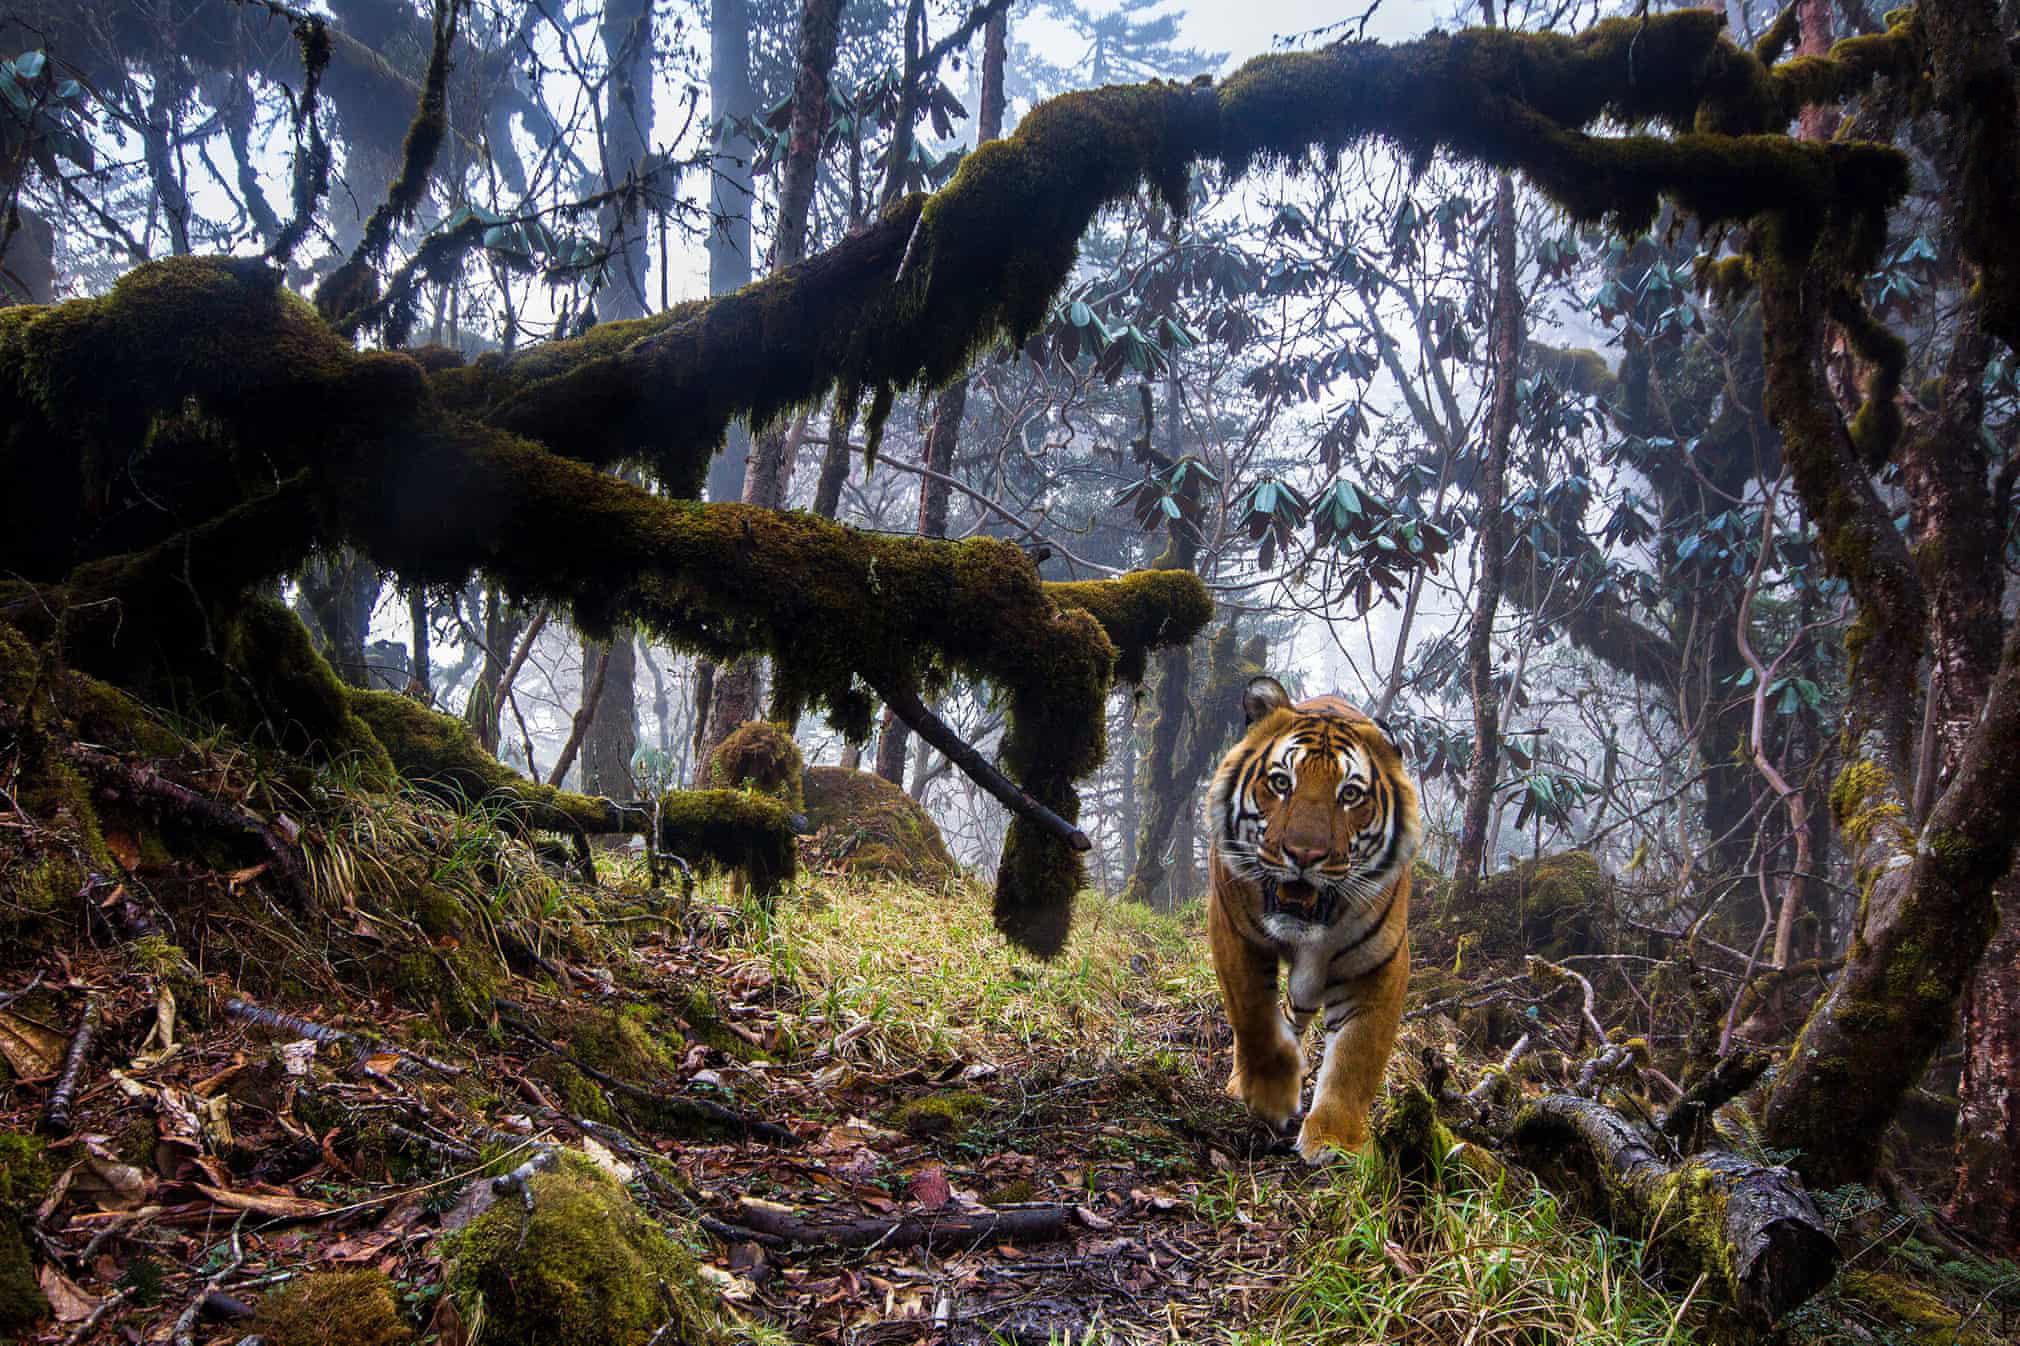 Бенгальский тигр (подвид находится подугрозой исчезновения) вгималайском лесу вБутане.